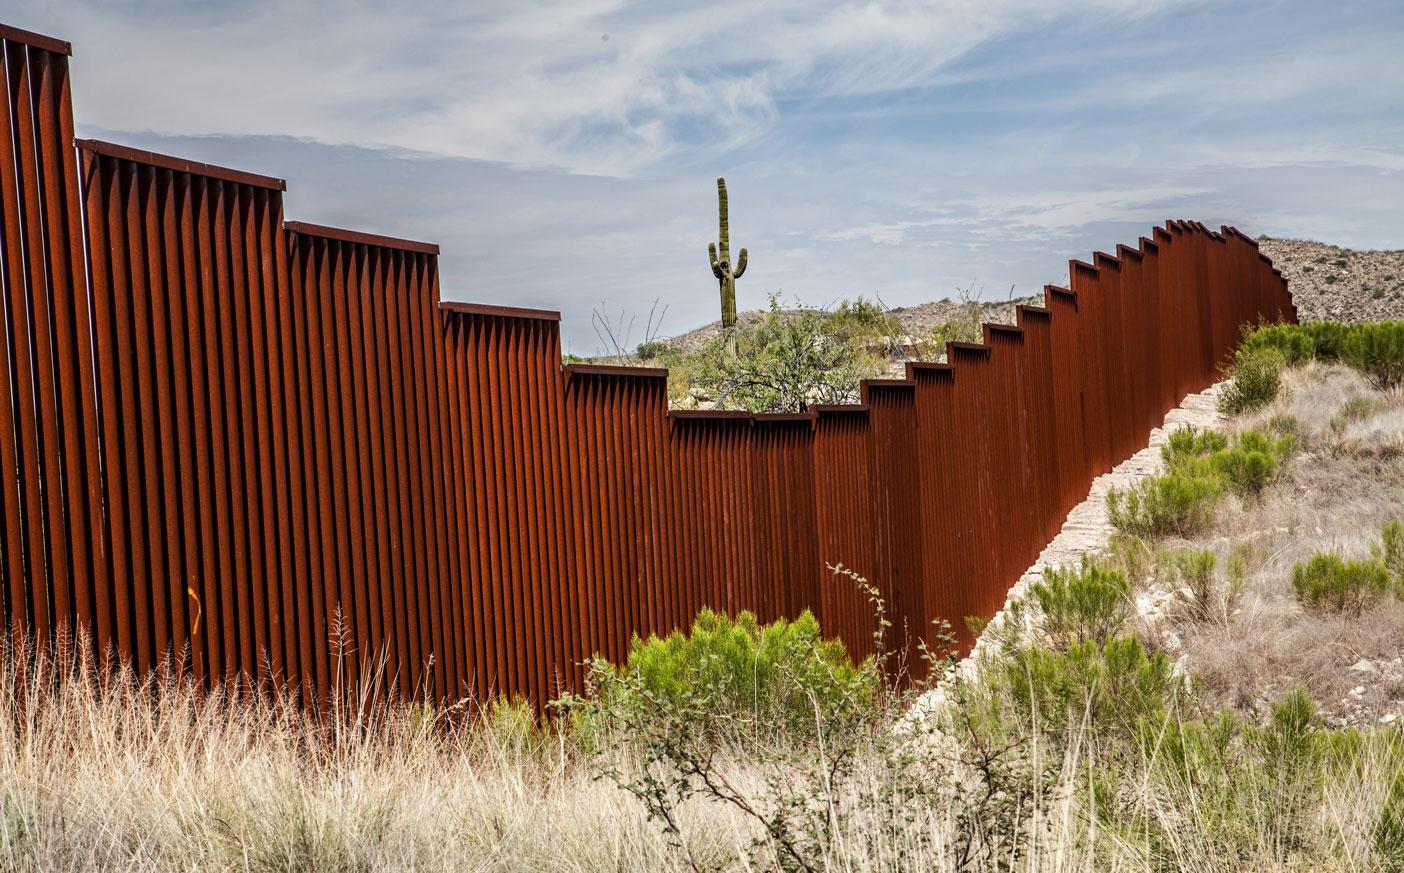 Border Patrol releases U.S. citizen after lawsuit